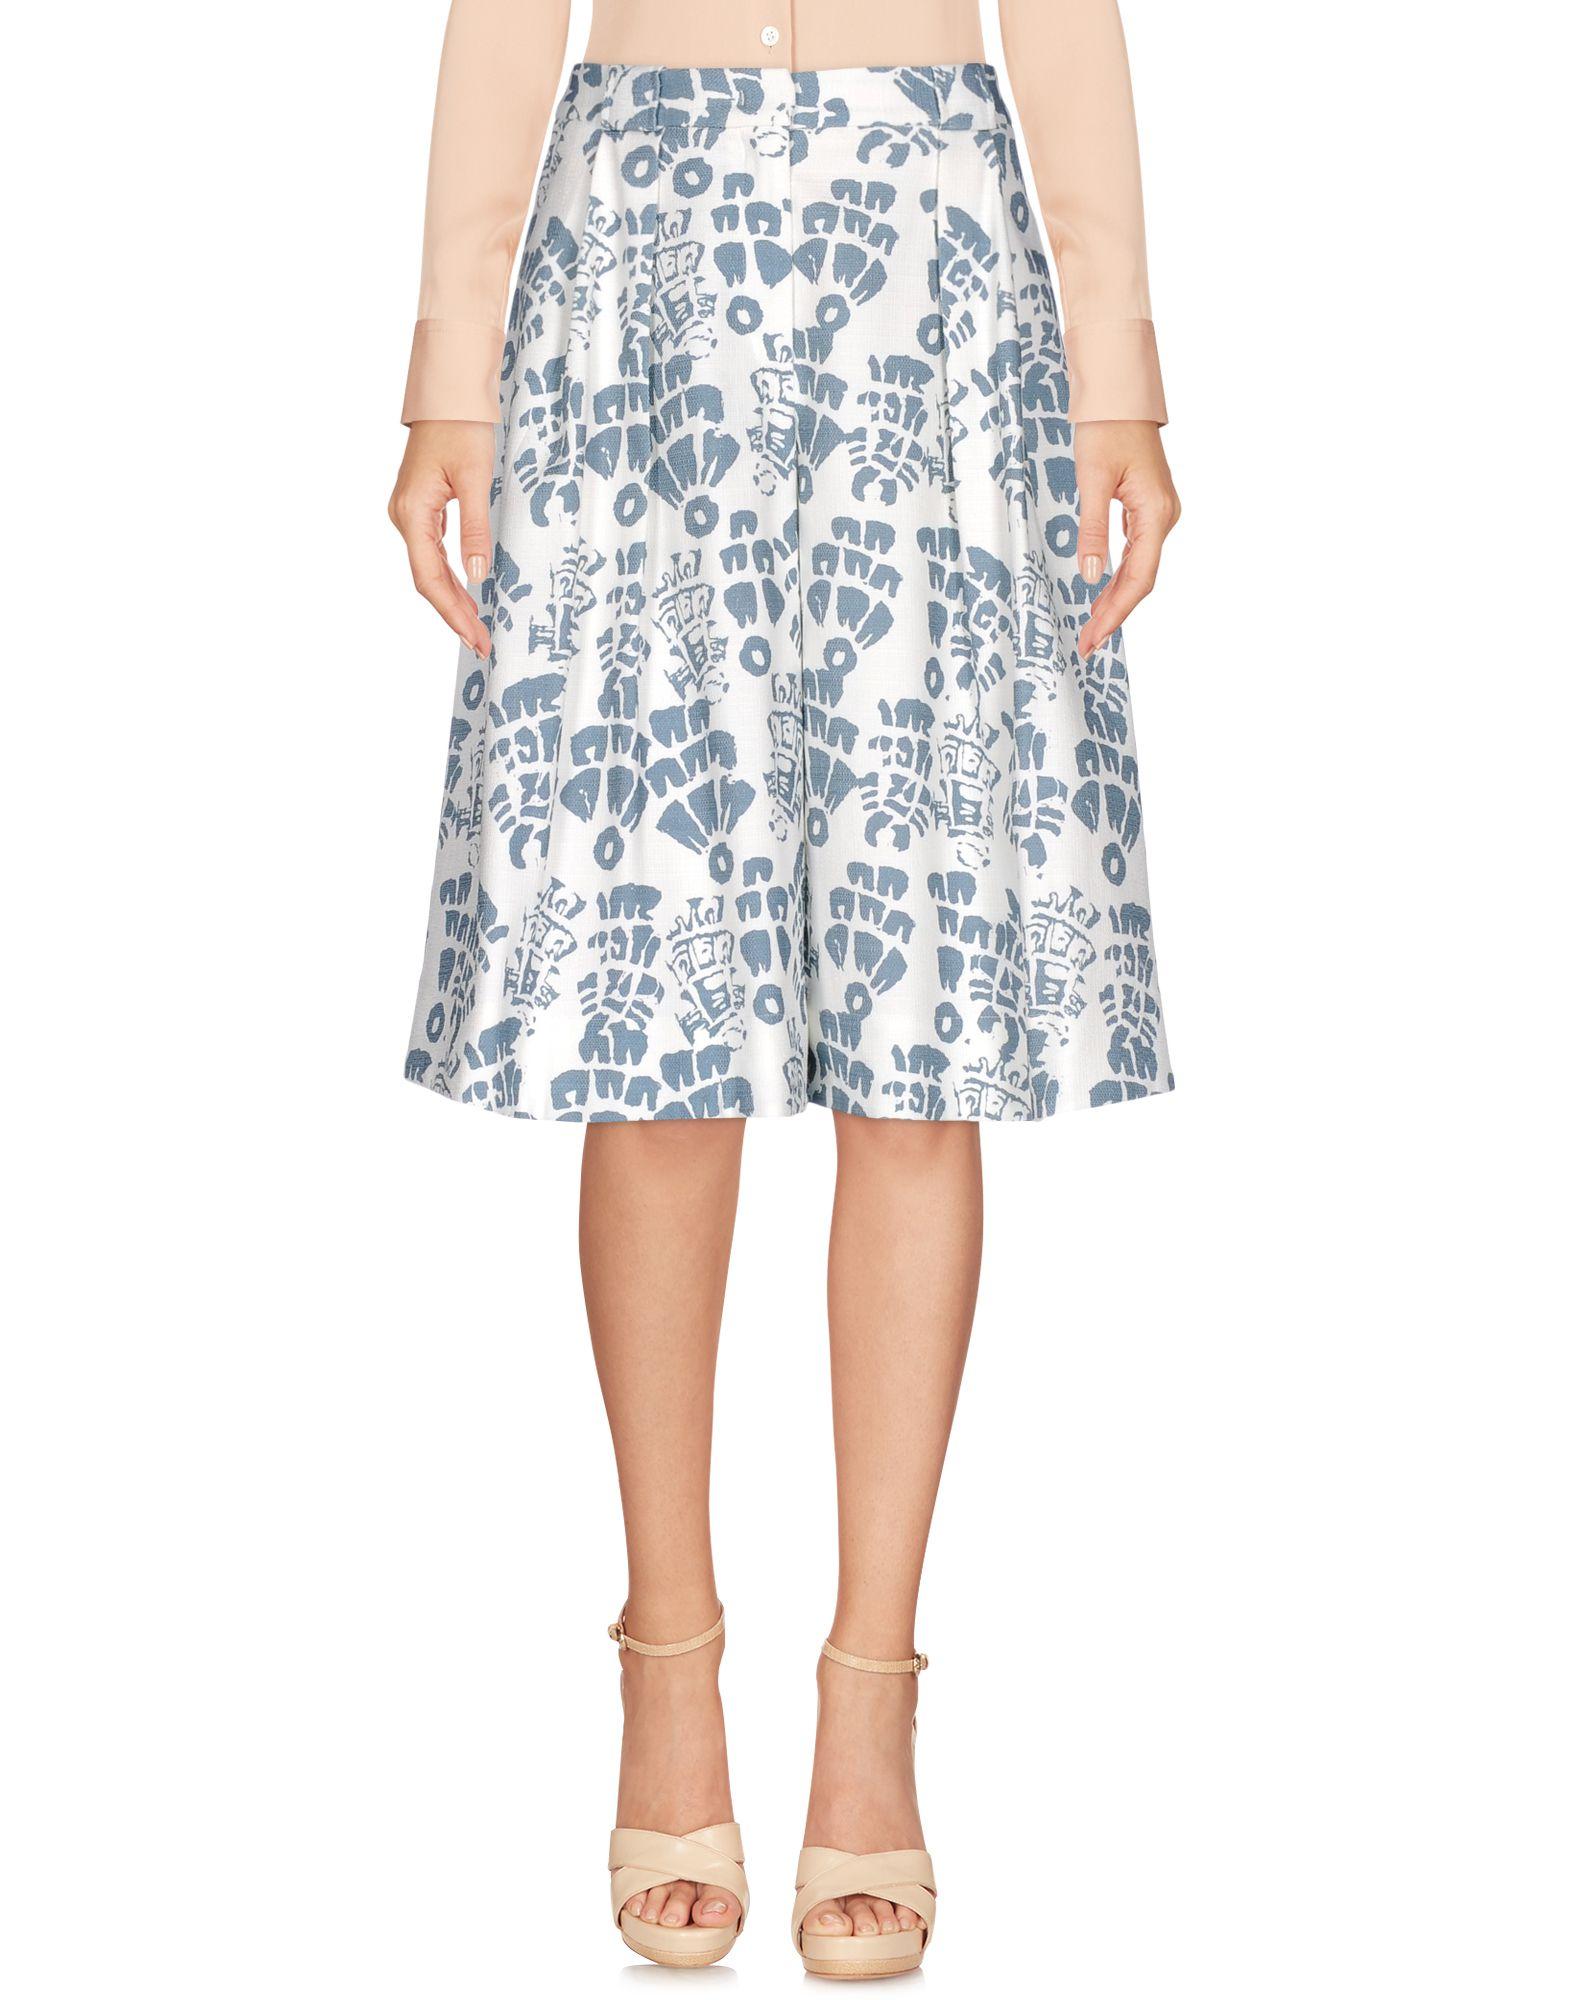 JIL SANDER NAVY Damen Knielanger Rock Farbe Weiß Größe 3 jetztbilligerkaufen